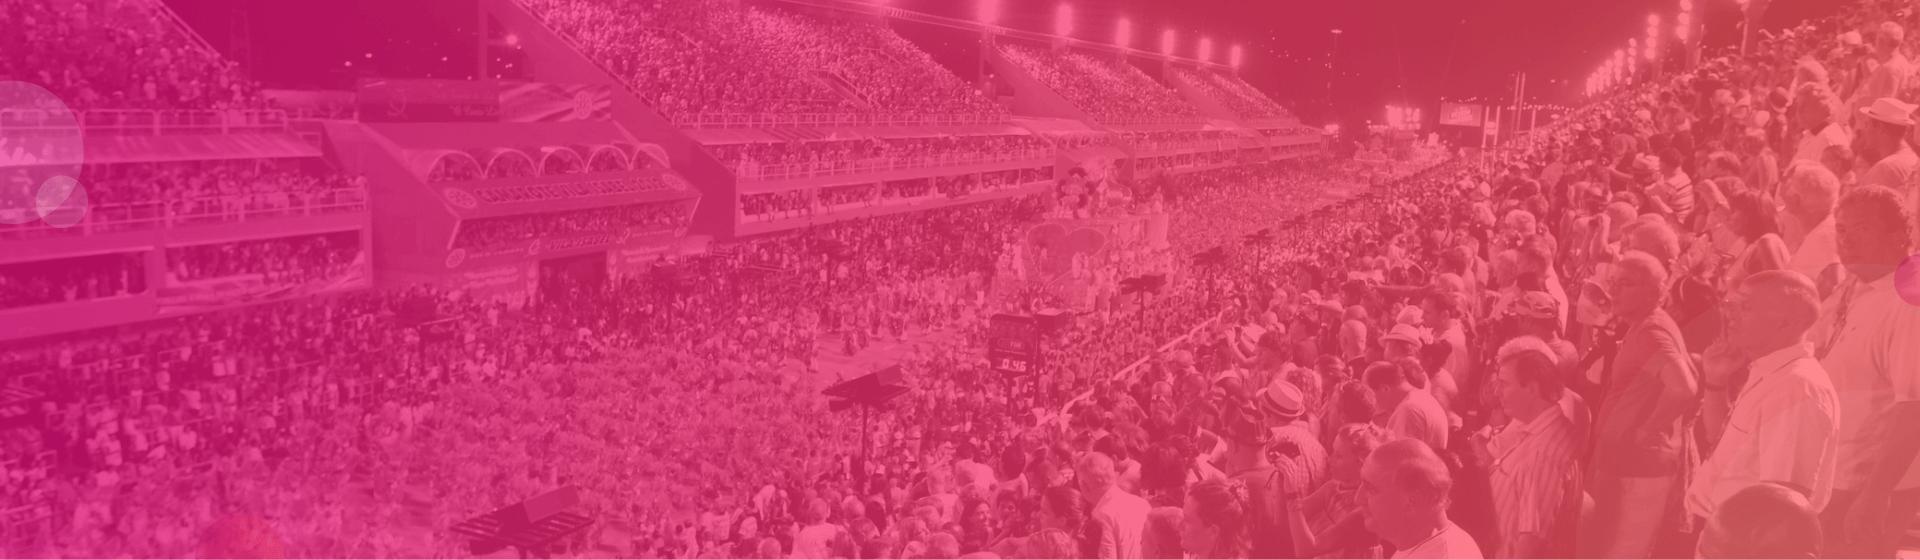 Prenotate i Biglietti per la Parata di Samba Da Noi